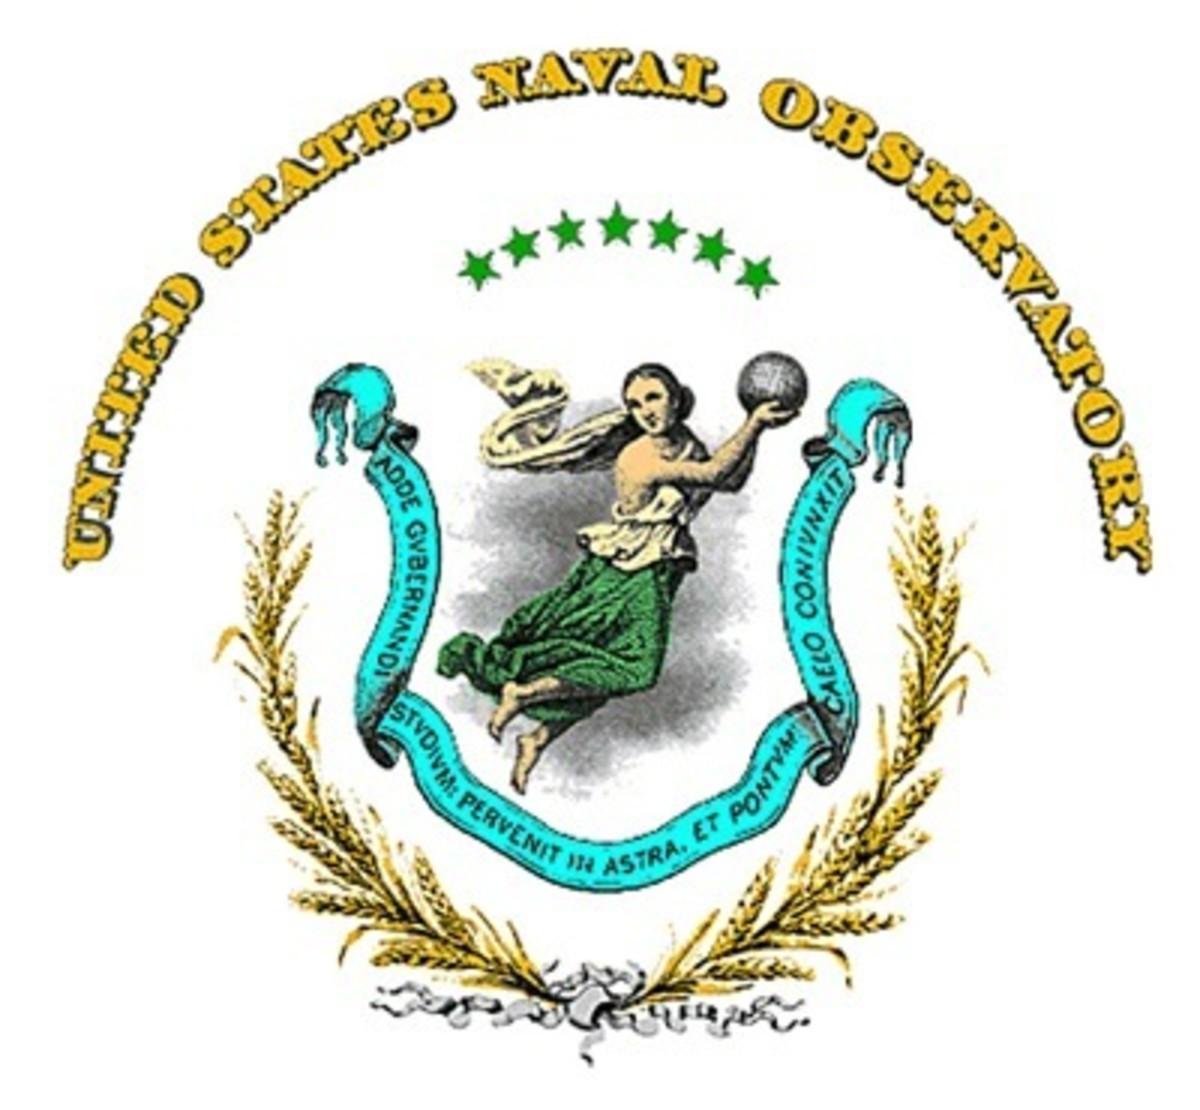 US Navy Observatory